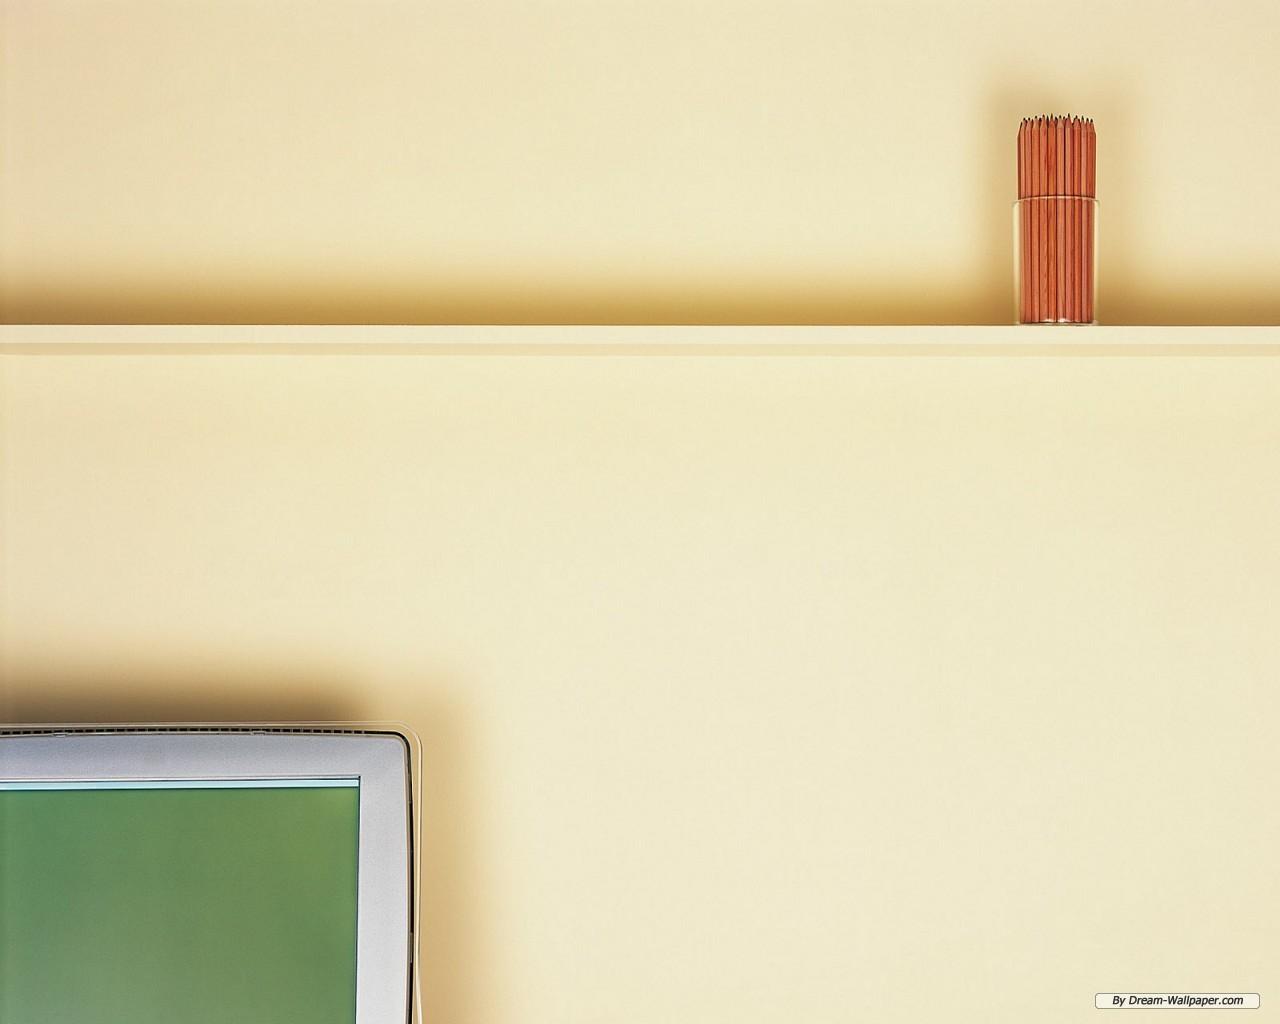 Art wallpaper   Office 1 wallpaper   1280x1024 wallpaper   Index 1280x1024